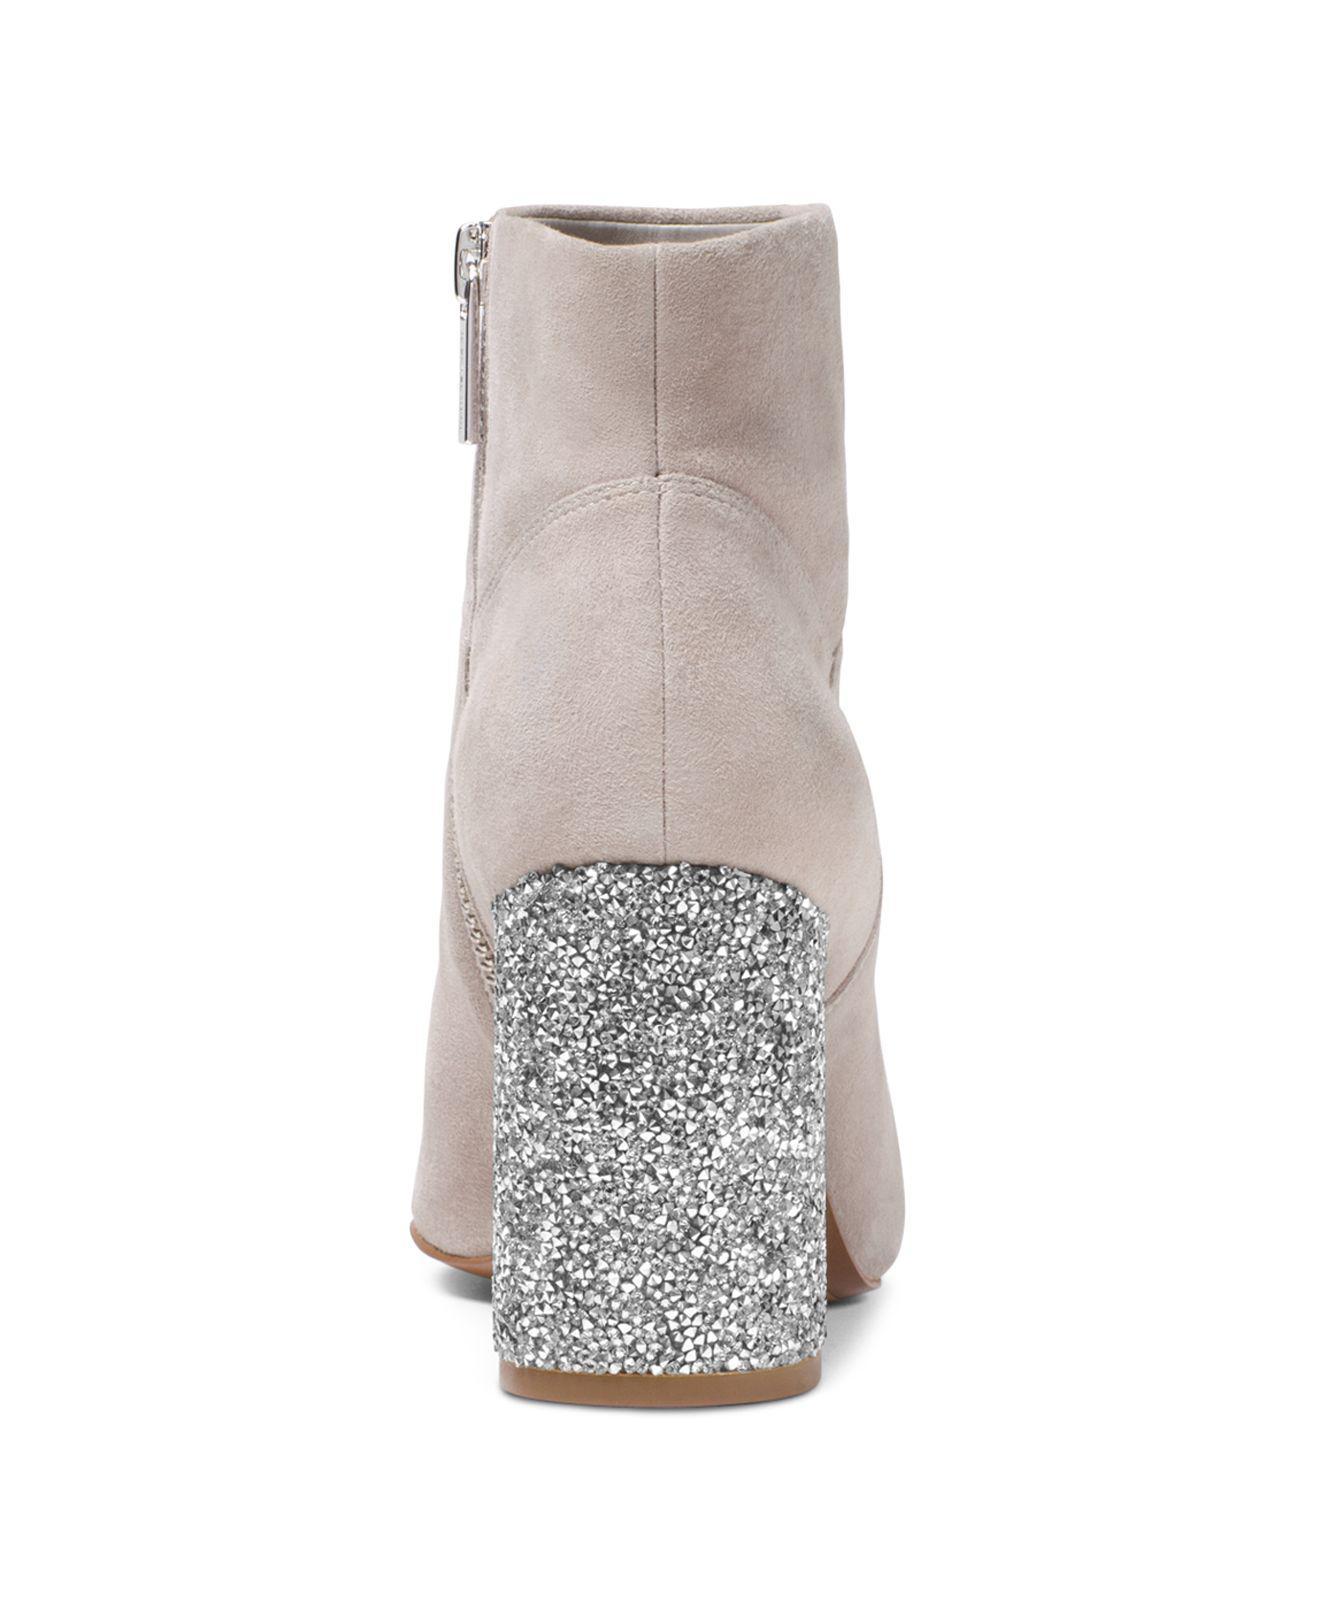 MICHAEL Michael Kors Women's Cher Suede Booties in Pearl Gray (Grey)